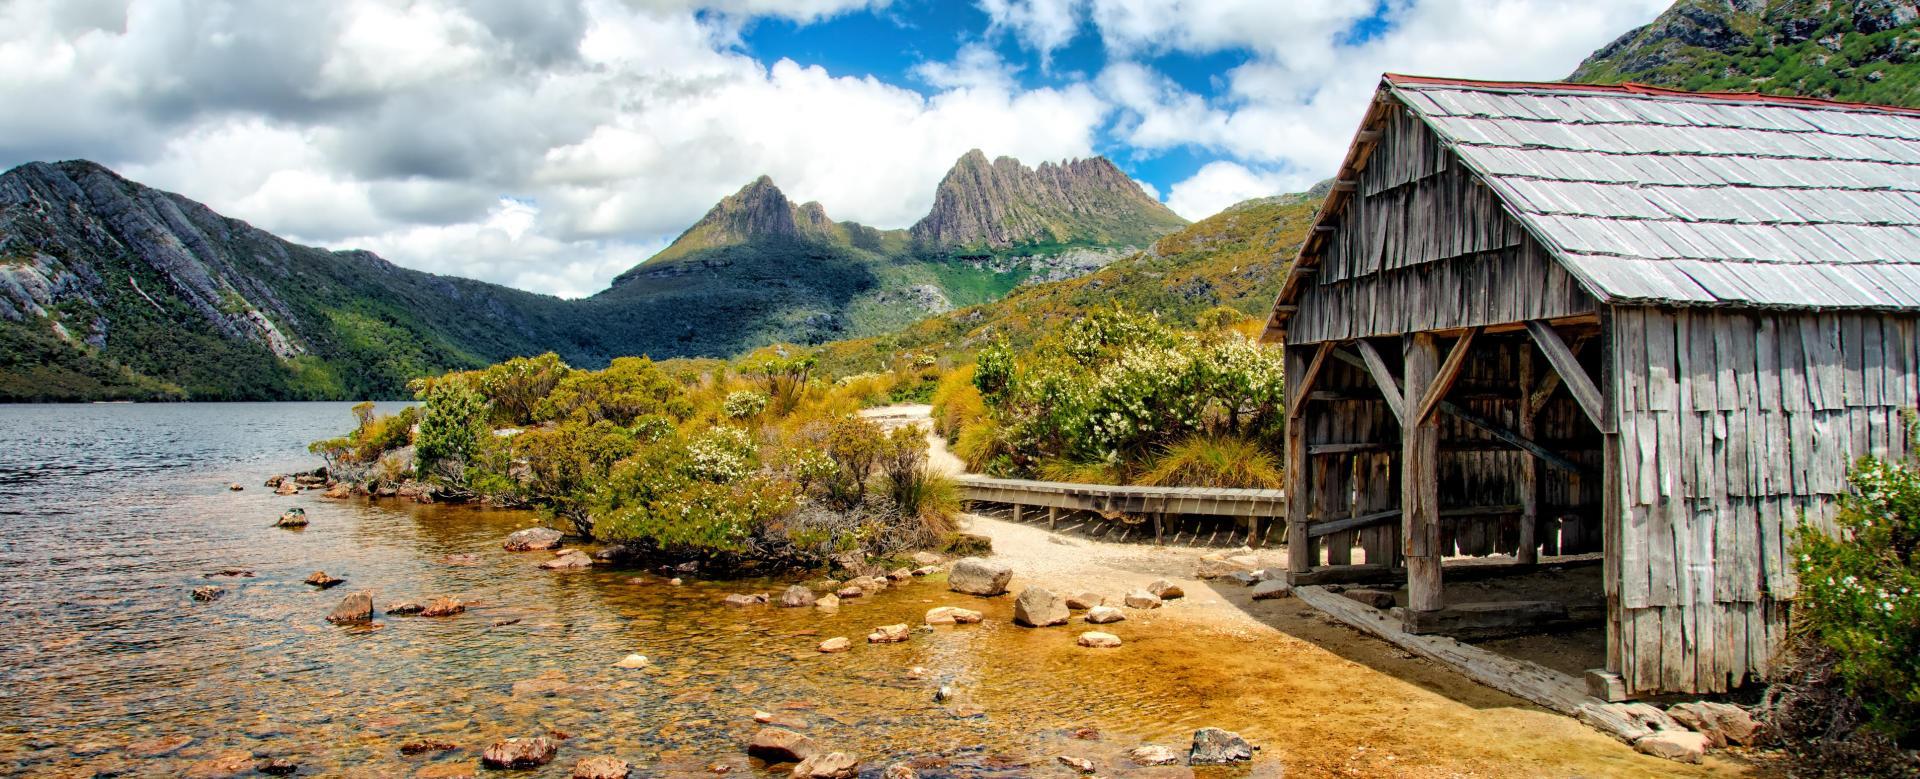 Voyage à pied : Tasmanie, terre australe